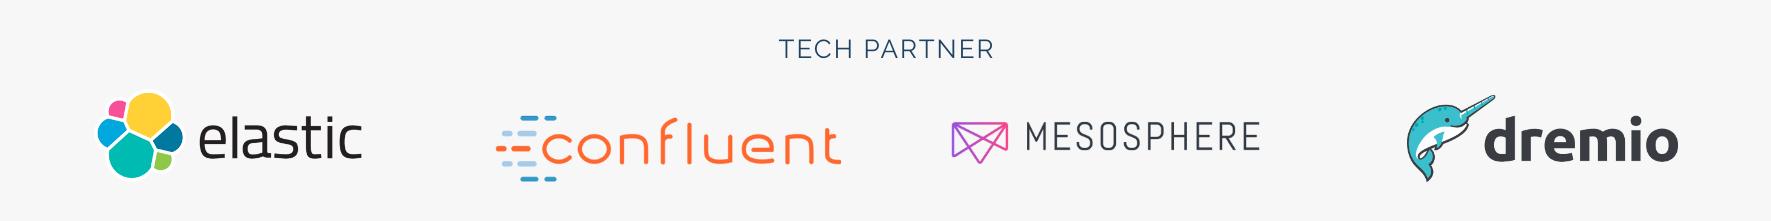 esinaday 2019 tech partner